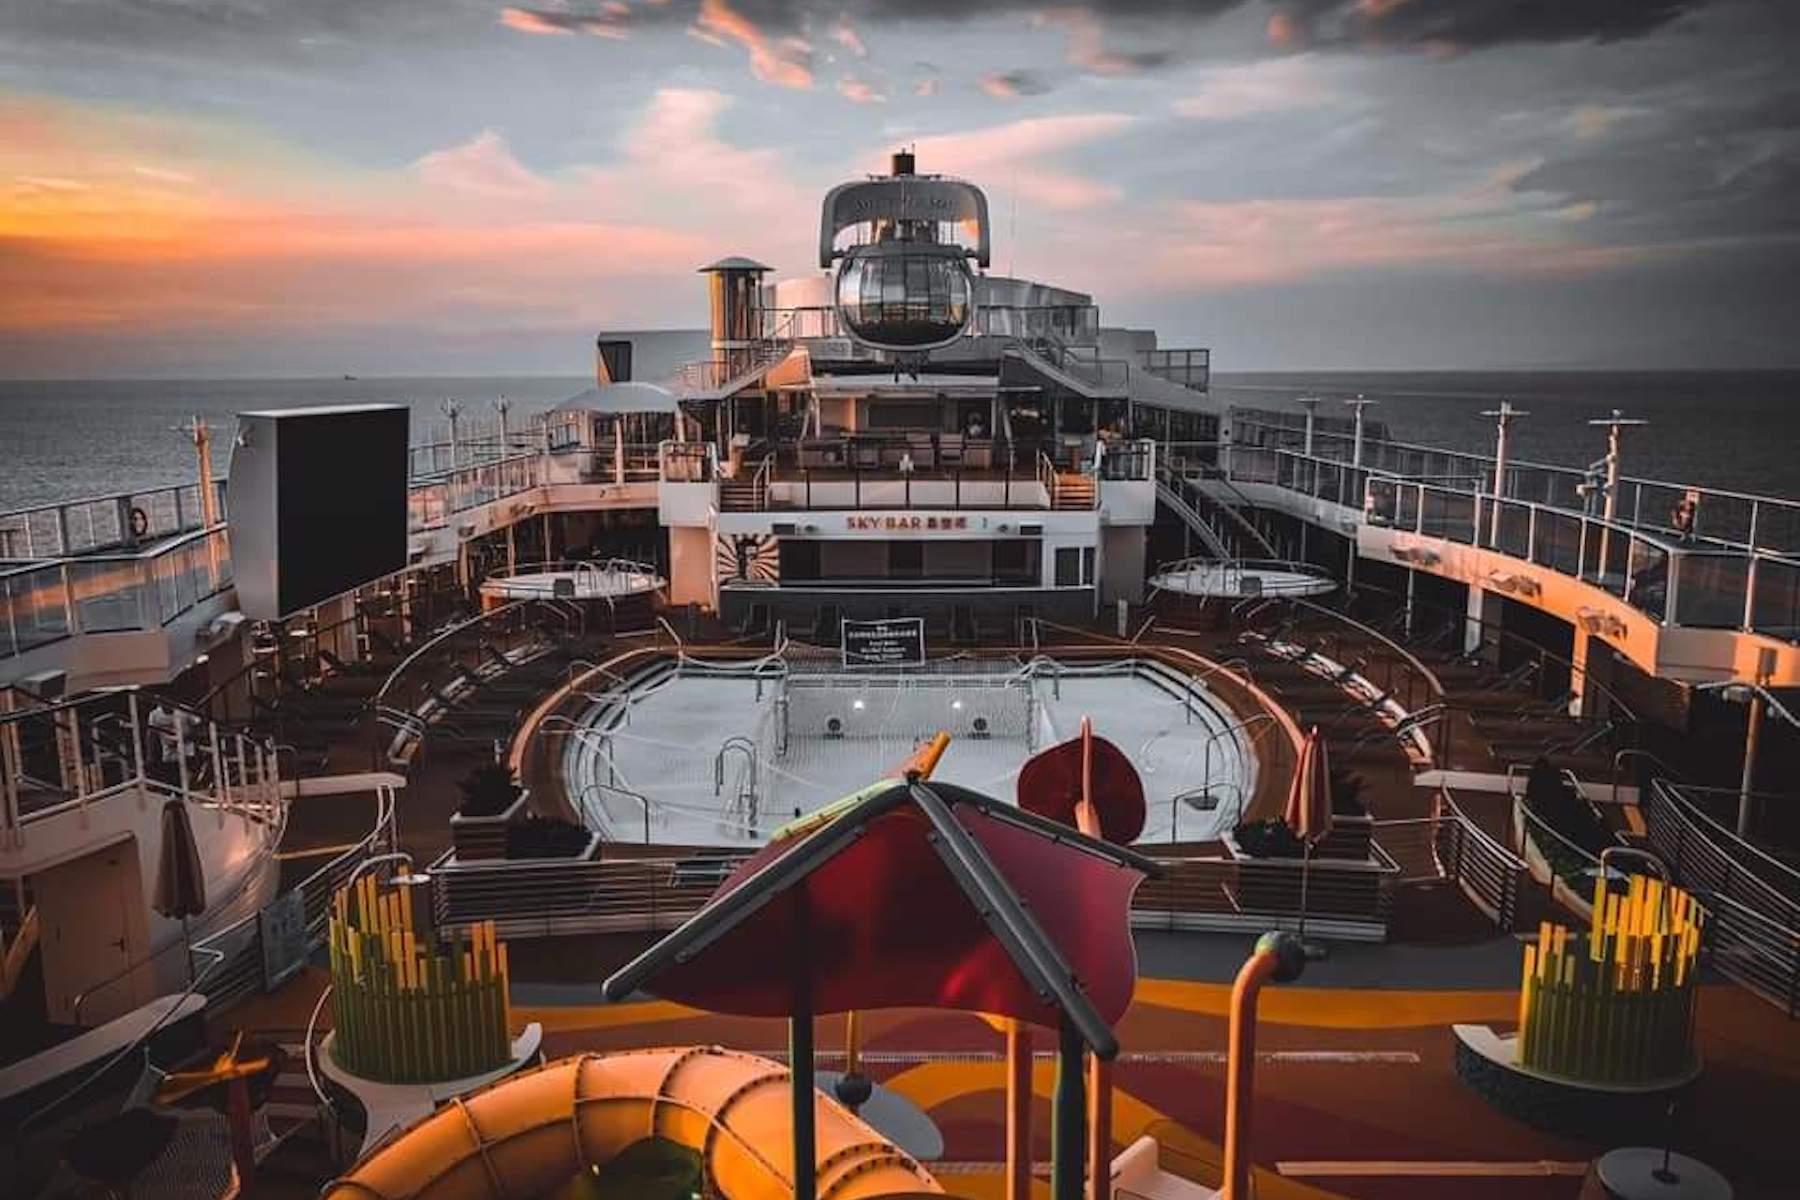 <p>Un marinero comparte una foto de la primera vez que vio la terraza de la piscina bañada por el sol completamente vacía.</p> <p></p> <p>Fecha de la foto: desconocida</p> <p>Ubicación de la foto: N / A</p> <p>Nombre del buque: Spectrum of the seas.</p> <p>Nombre del marinero: Greg Vladimir Ismael.</p>